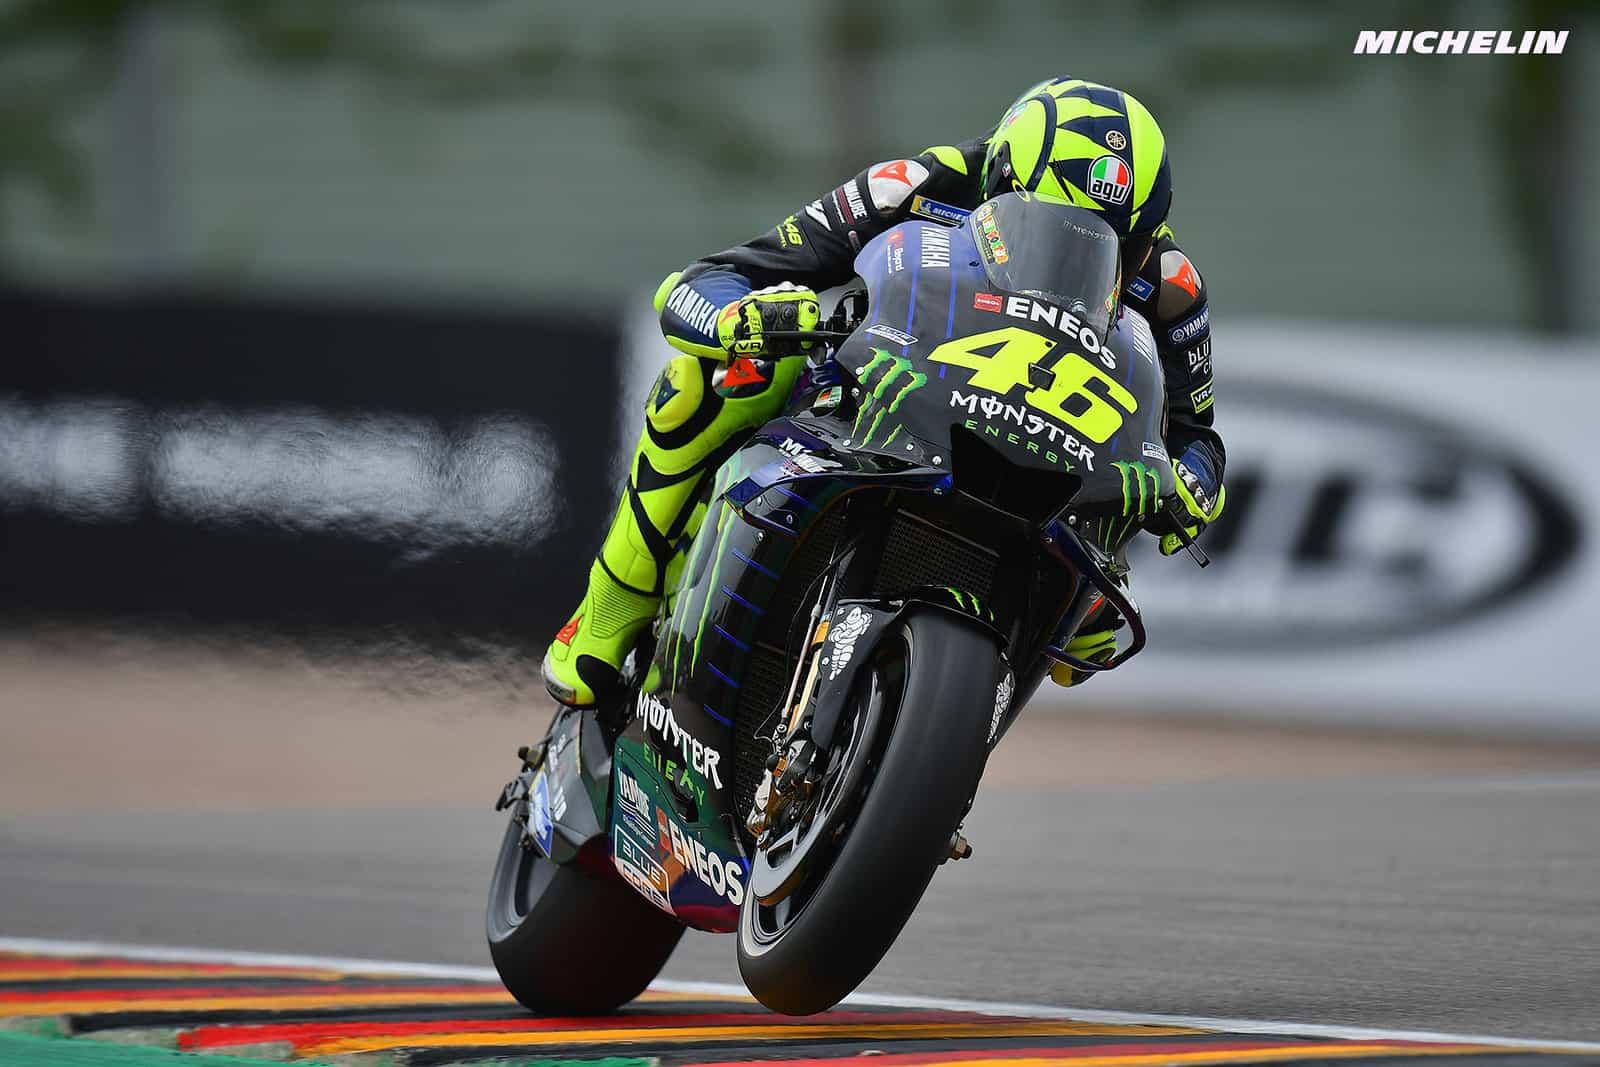 MotoGP2019ドイツGP FP2 10位ロッシ「バイクのフィーリングとペースは良い」